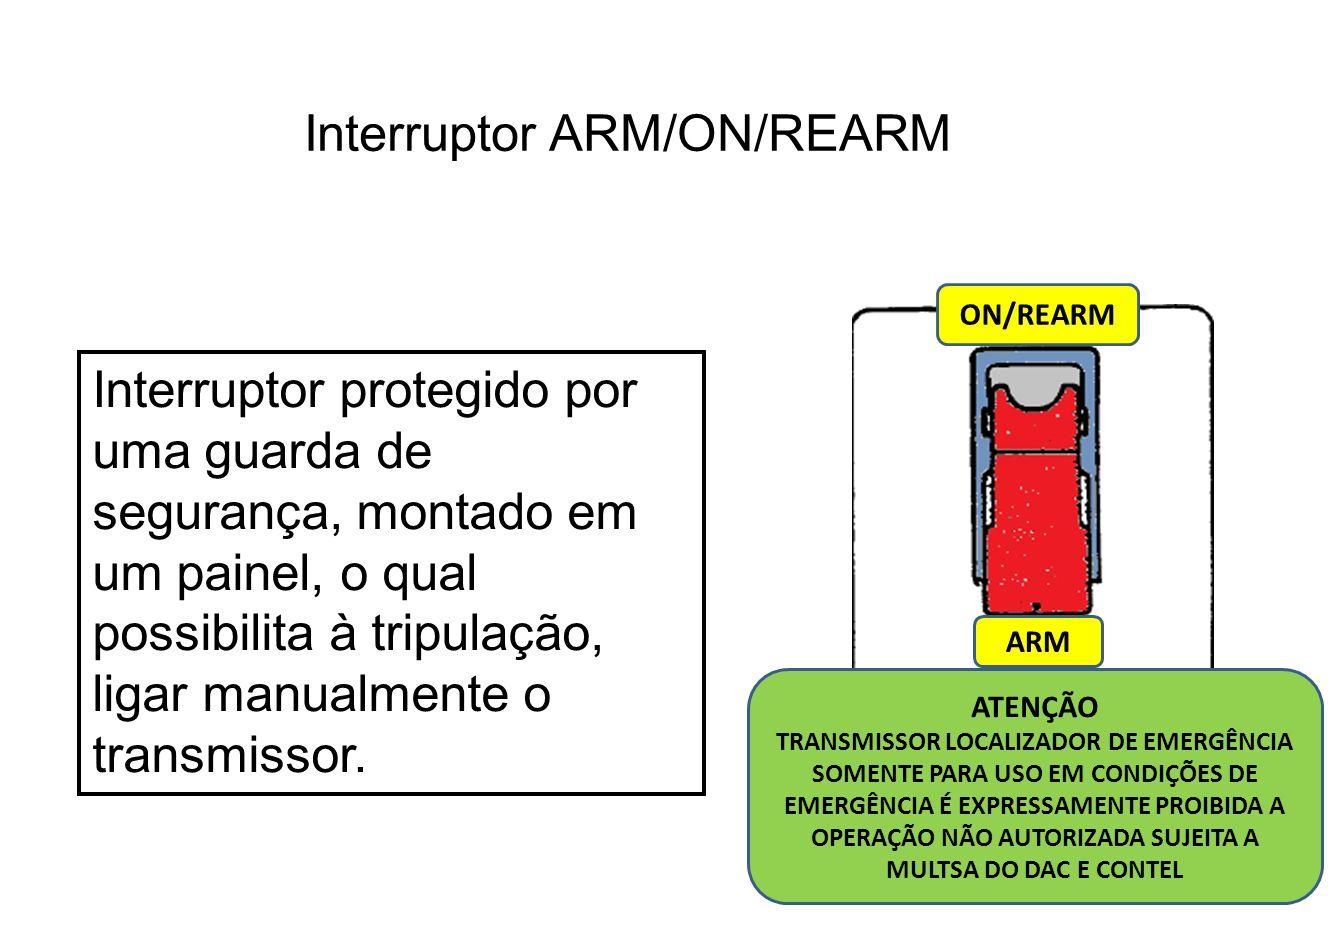 Transmissor localizador de emergência